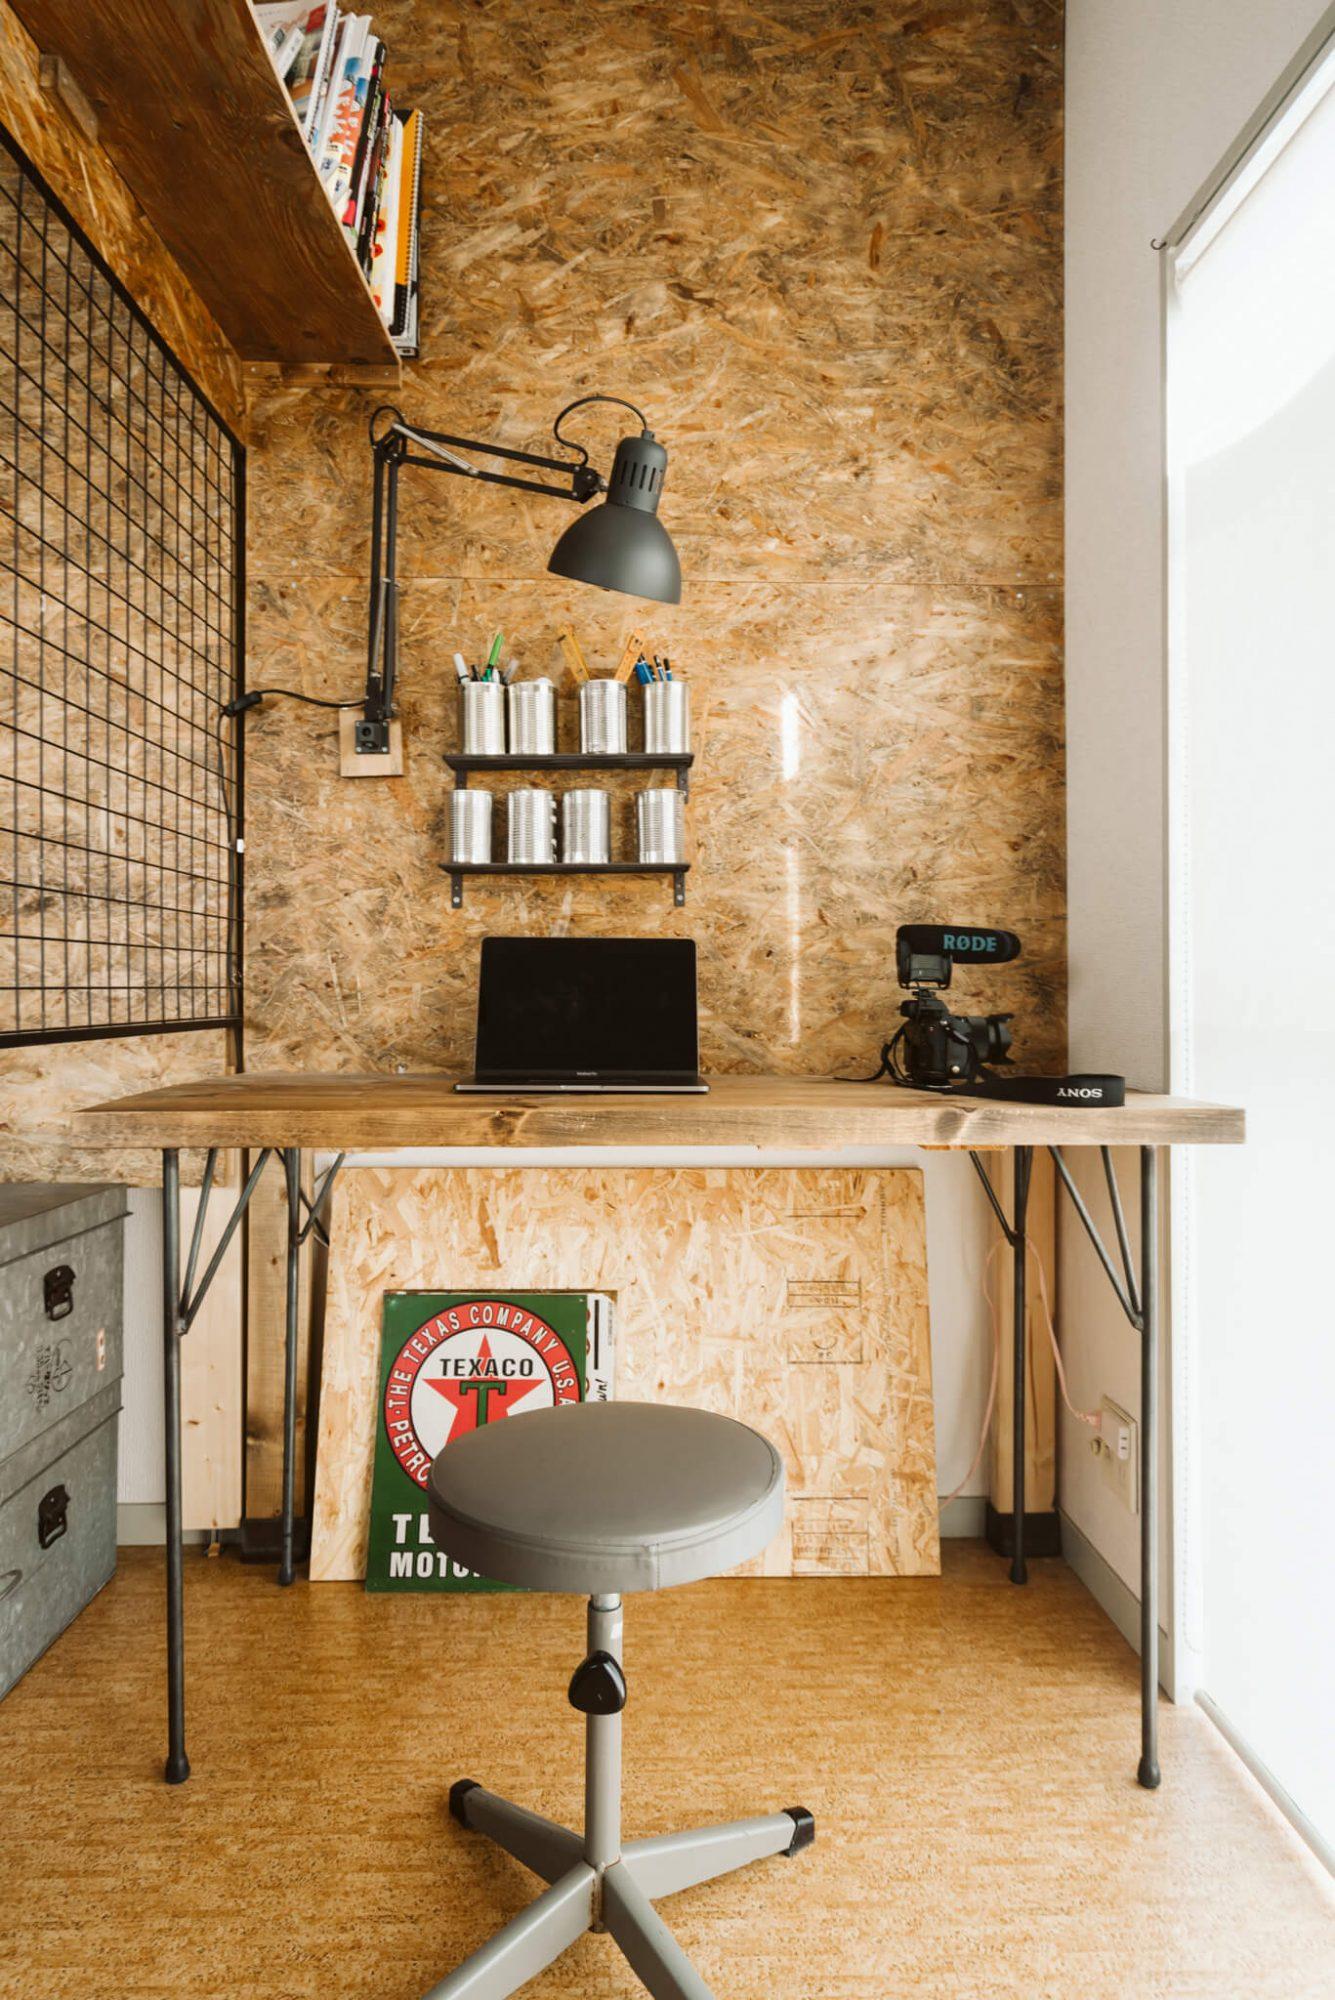 壁にはディアウォールを利用して柱を立て、ホームセンターで購入できるサブロク板で壁を作っています。照明までも上部に設置することで、デスクに資料を広げることができますね。また、ペン立ては空き缶にすることでヴィンテージ感が増しています。(このお部屋を見る)